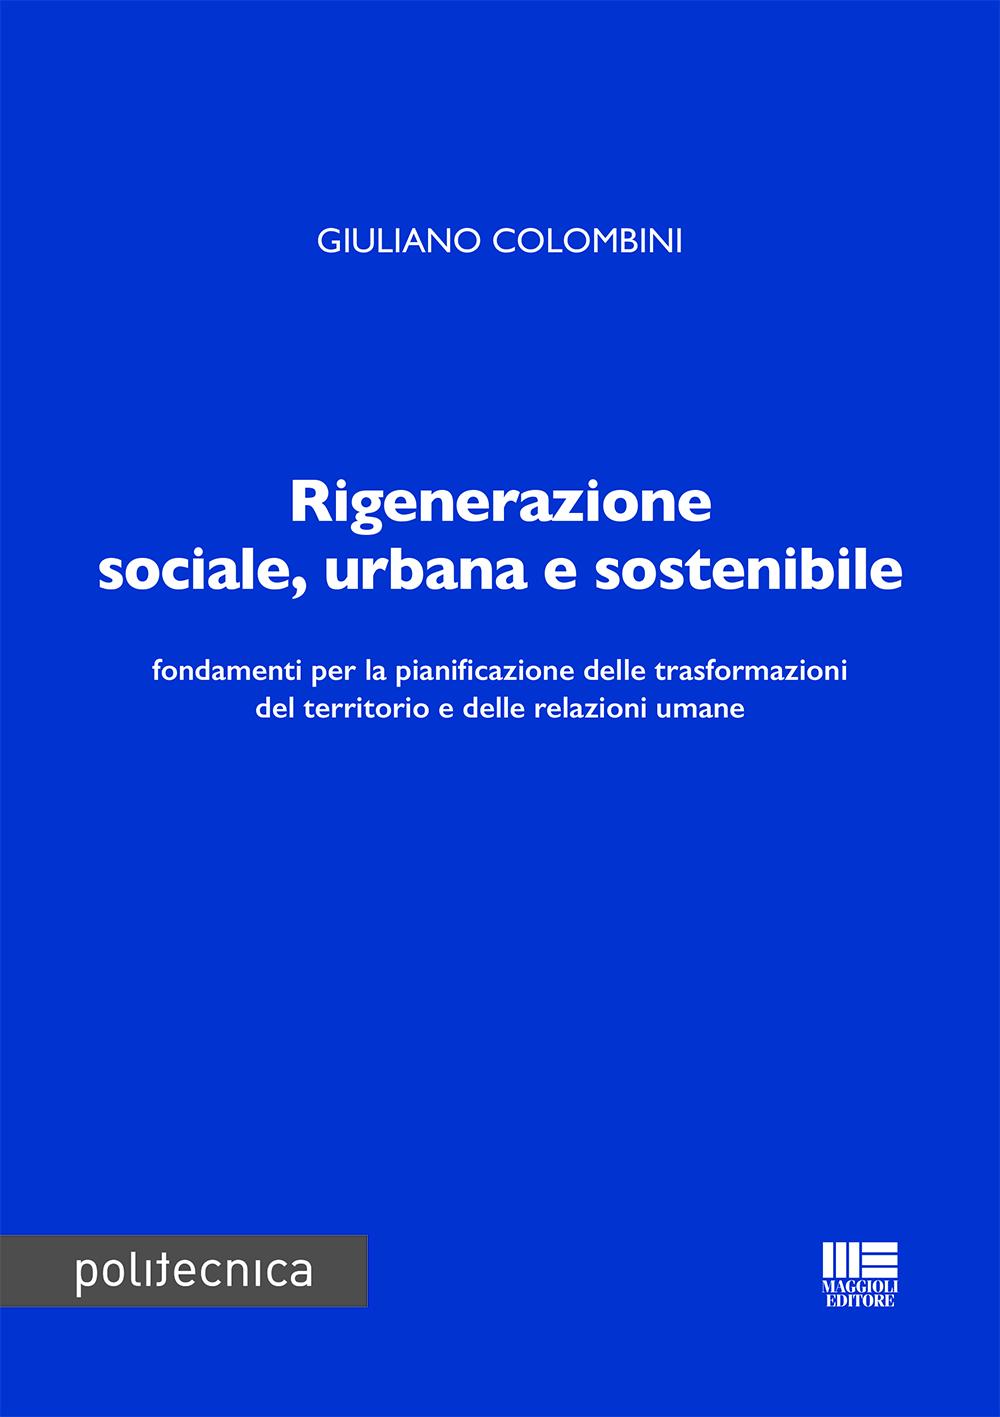 Rigenerazione sociale, urbana e sostenibile